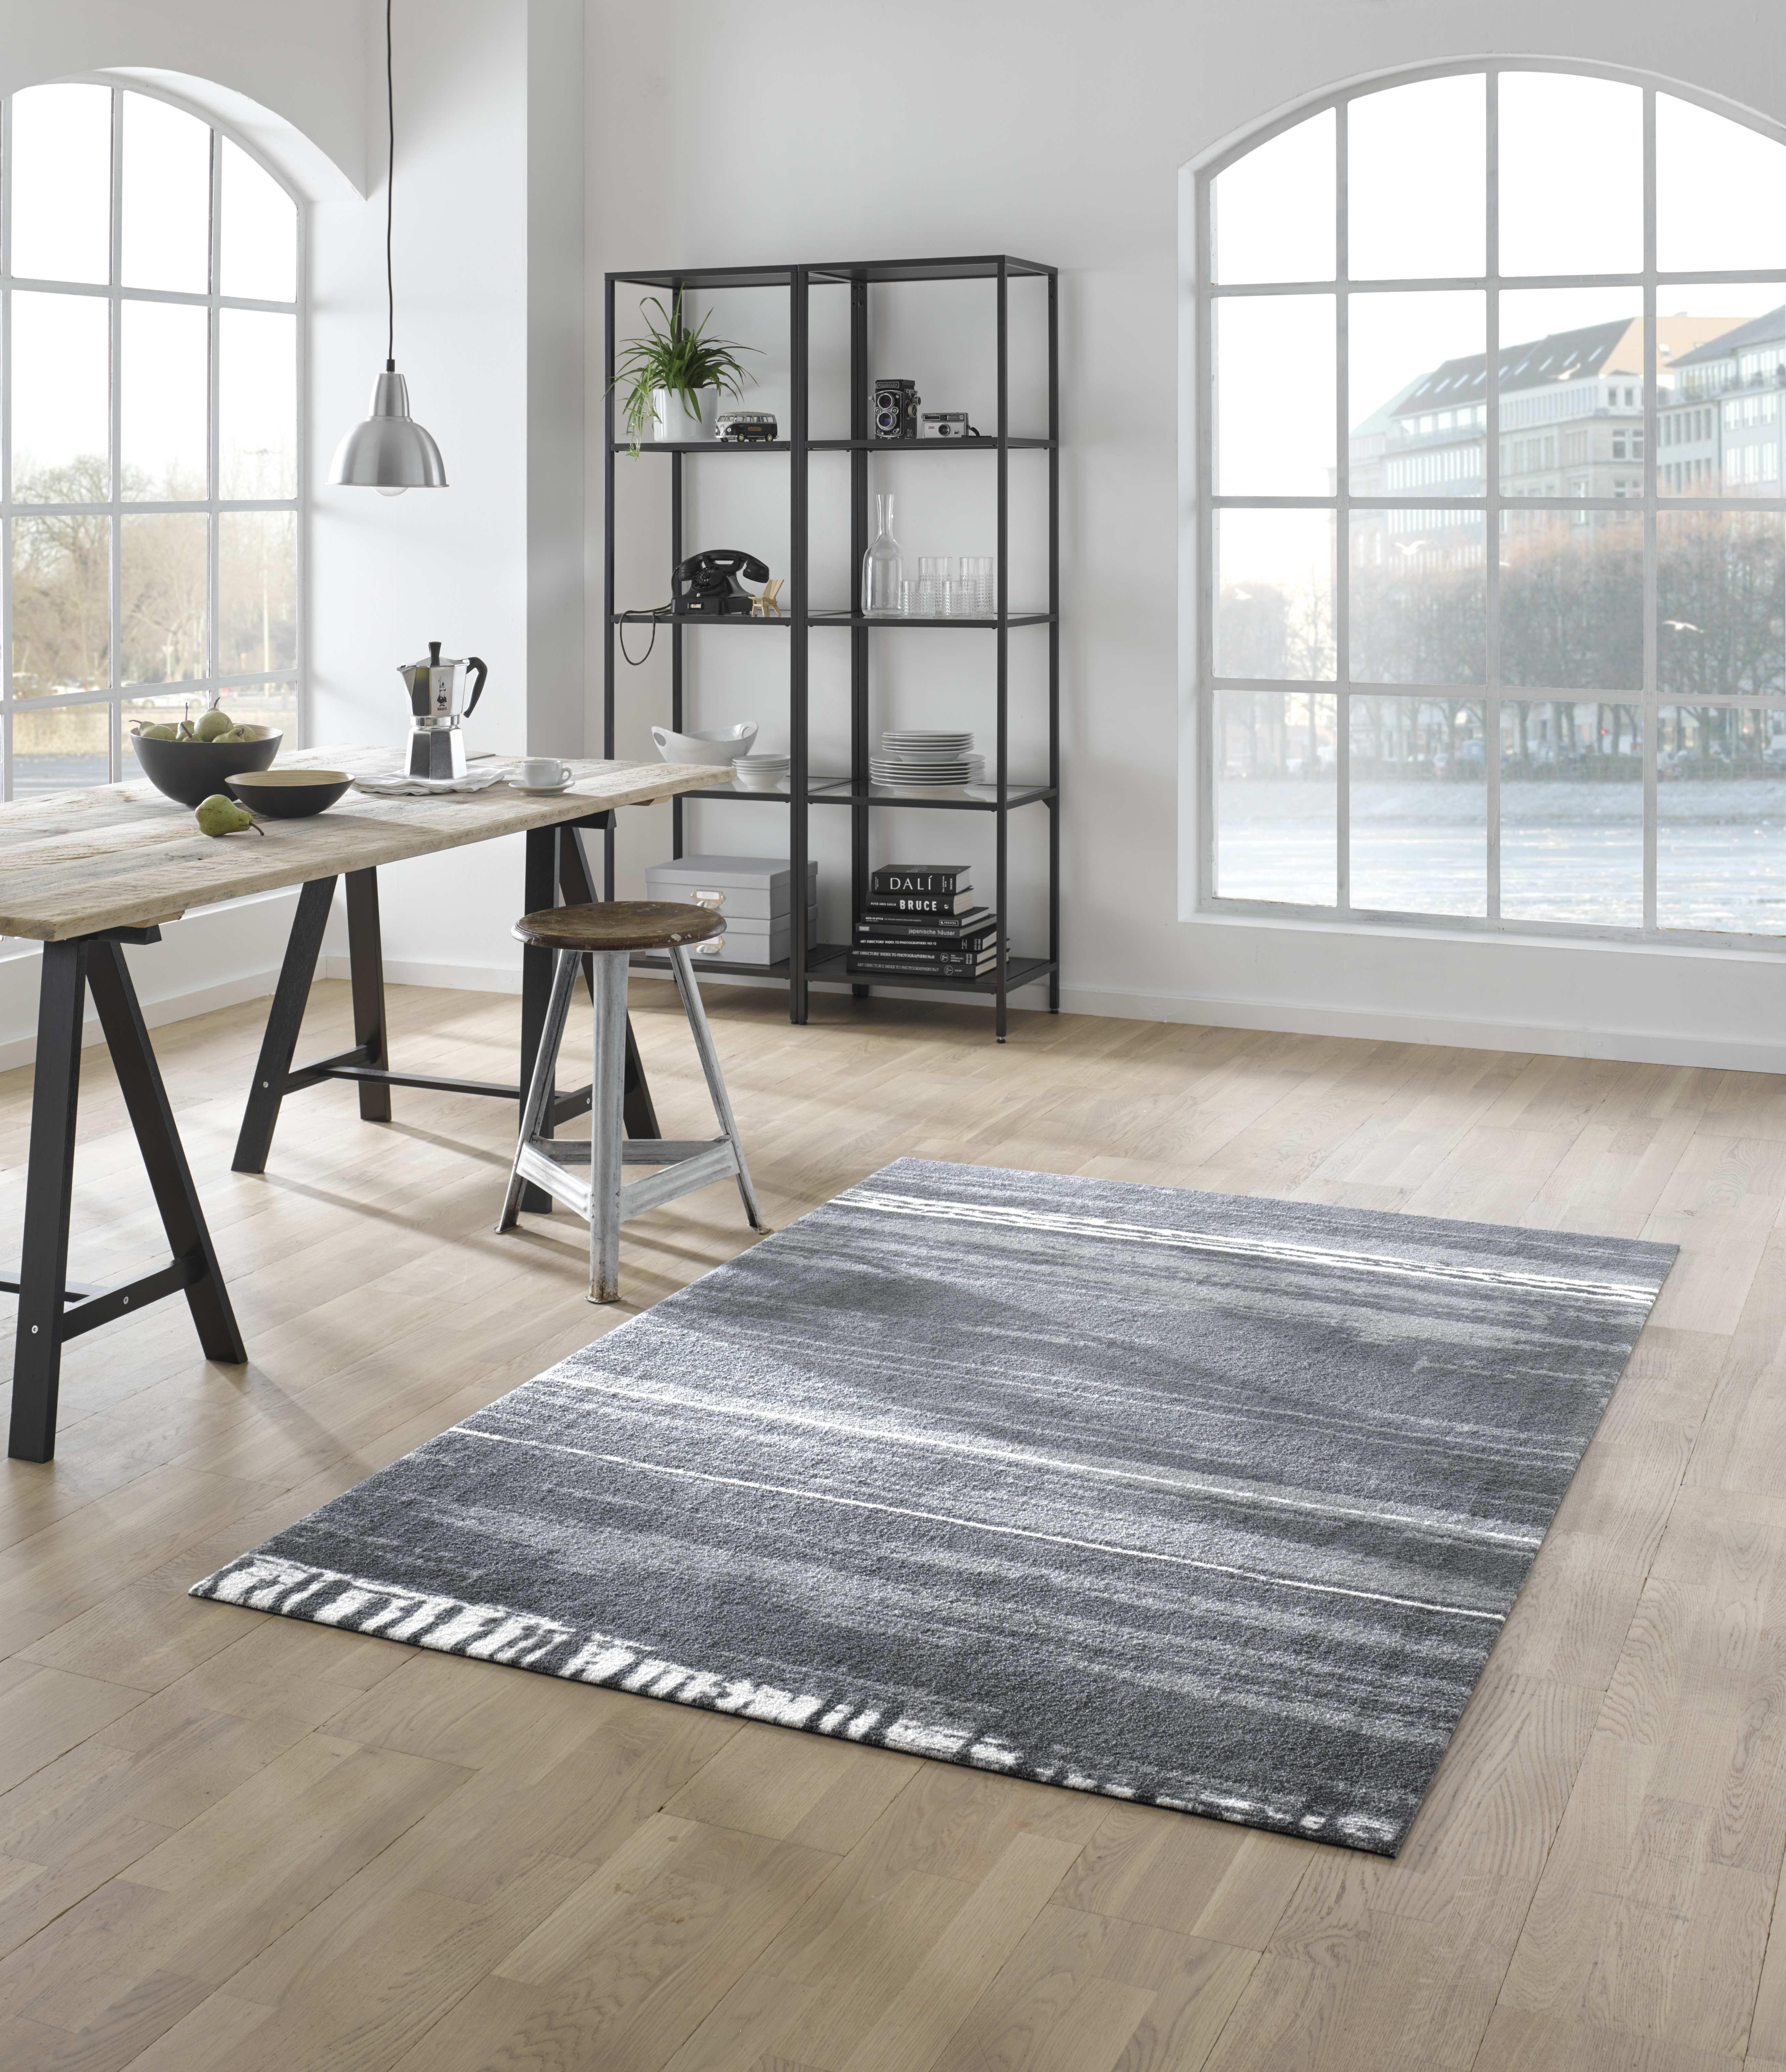 mehr als nur eine fu matte waschbarer teppich abadan stone wash dry kleen tex fu matten. Black Bedroom Furniture Sets. Home Design Ideas